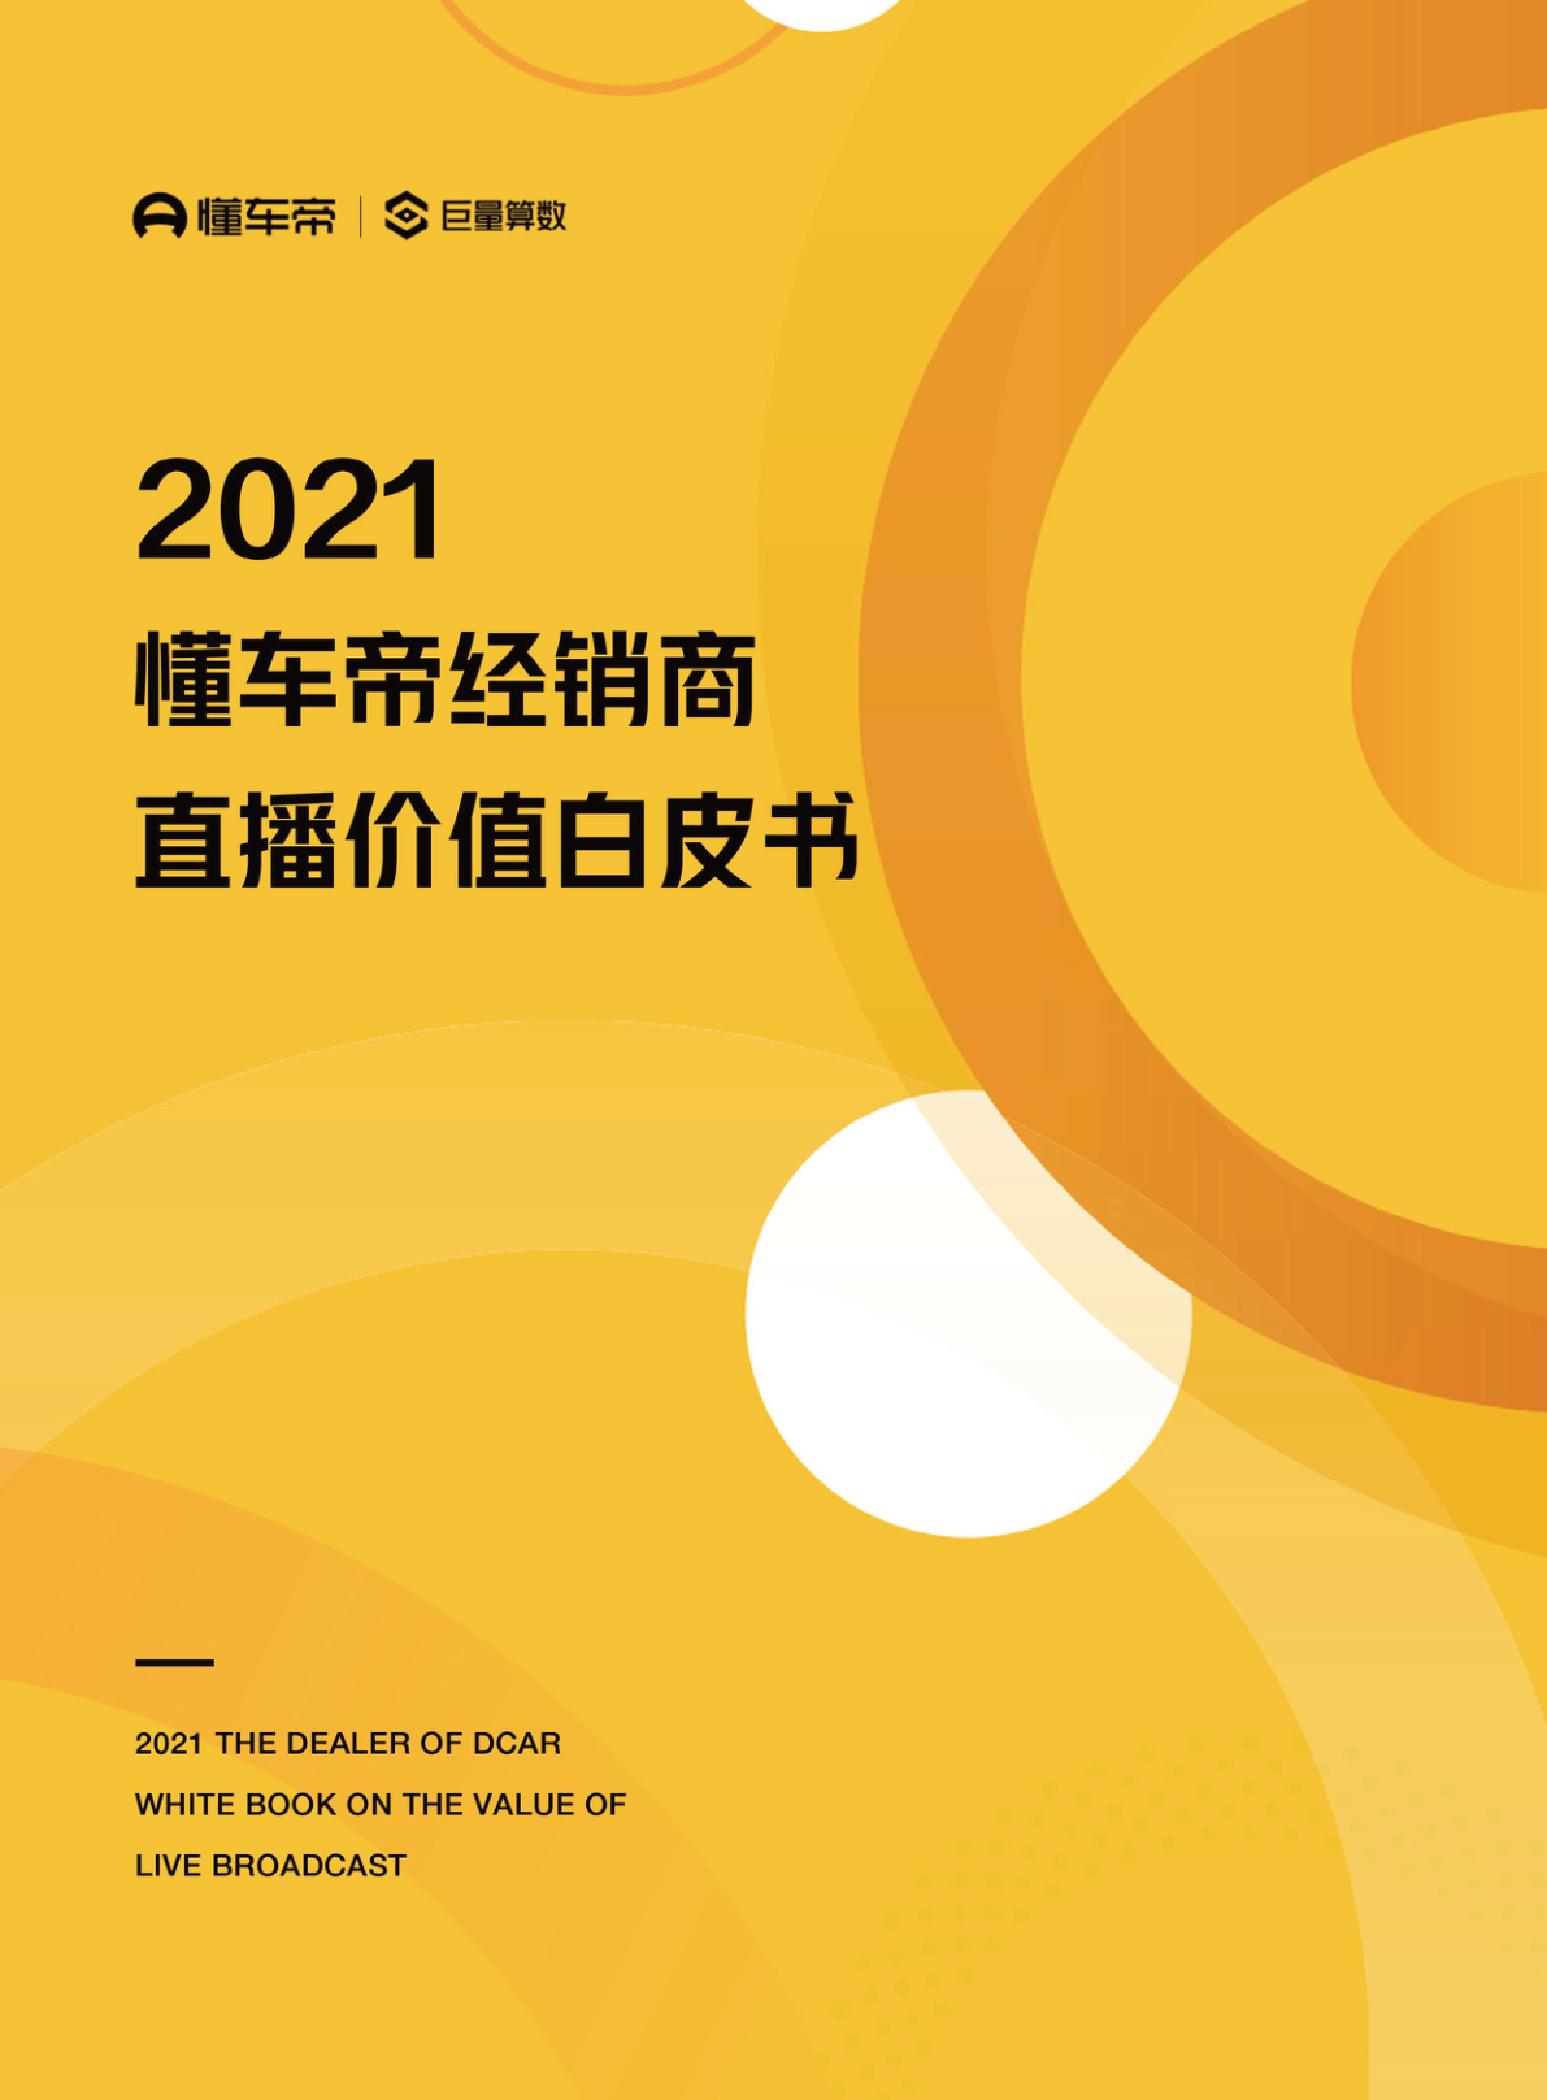 2021懂车帝经销商直播价值白皮书